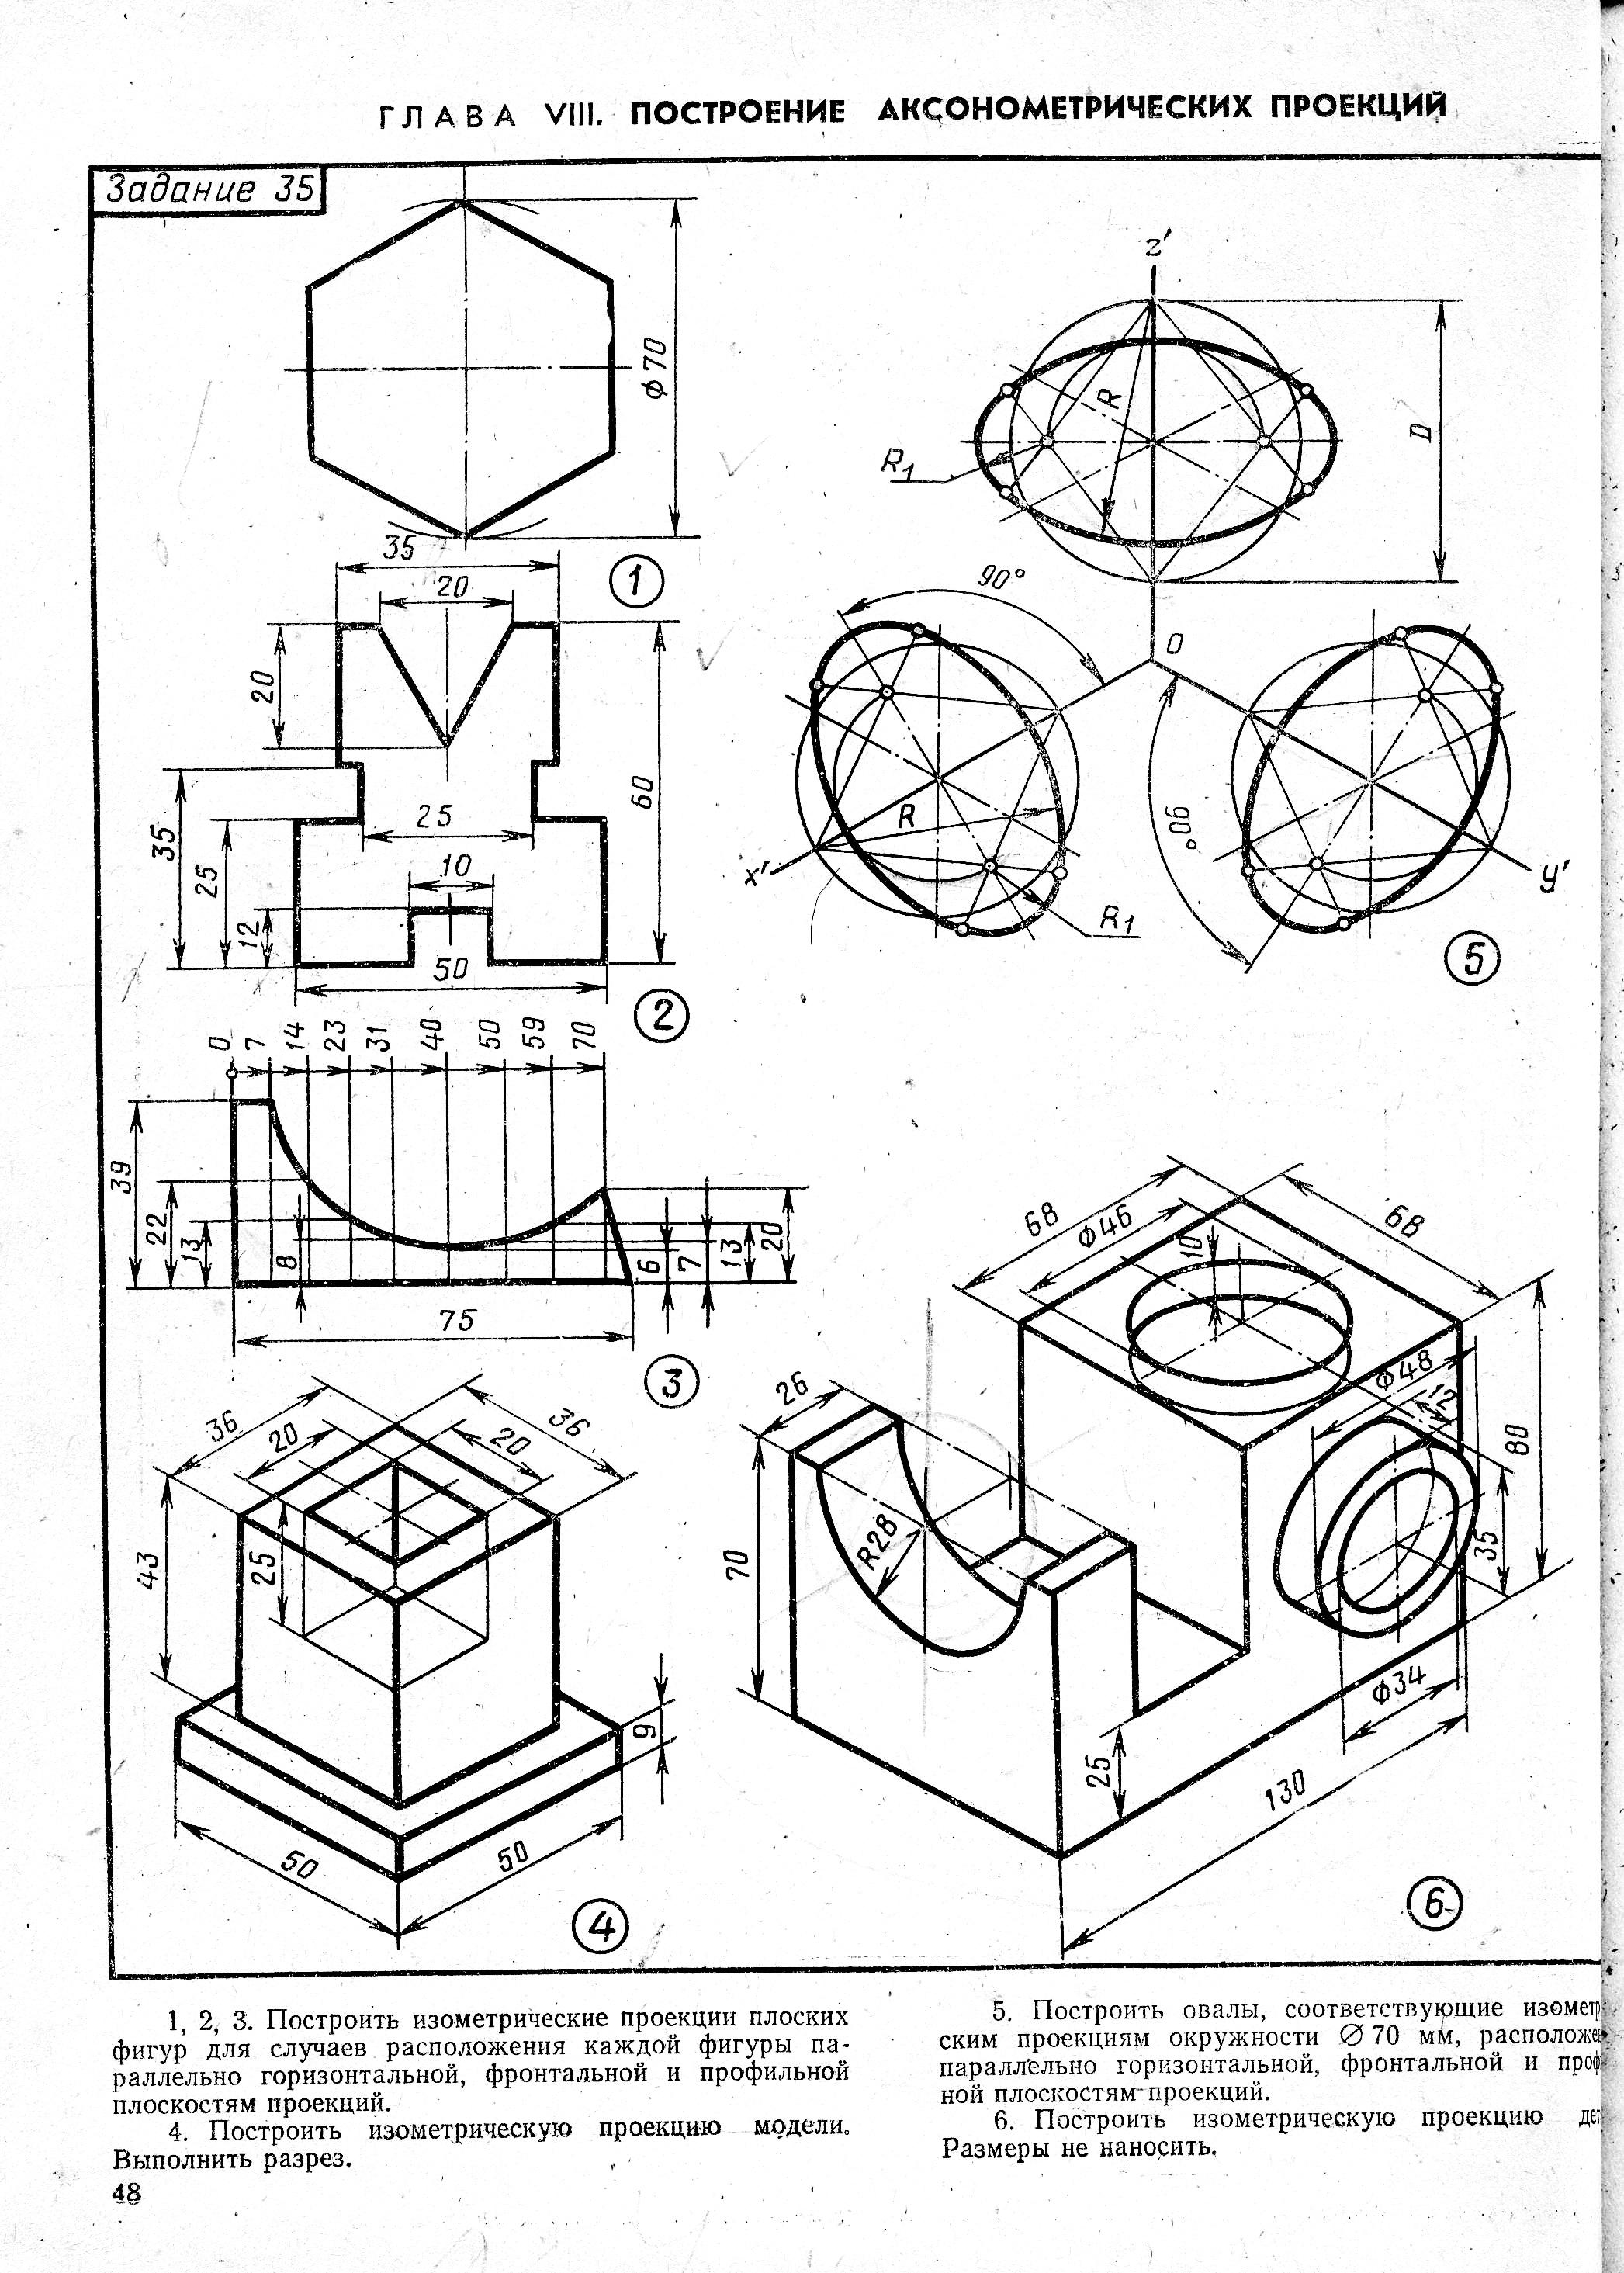 Графическая работа комплексный чертеж модели по аксонометрической проекции работа вахта москва для девушек